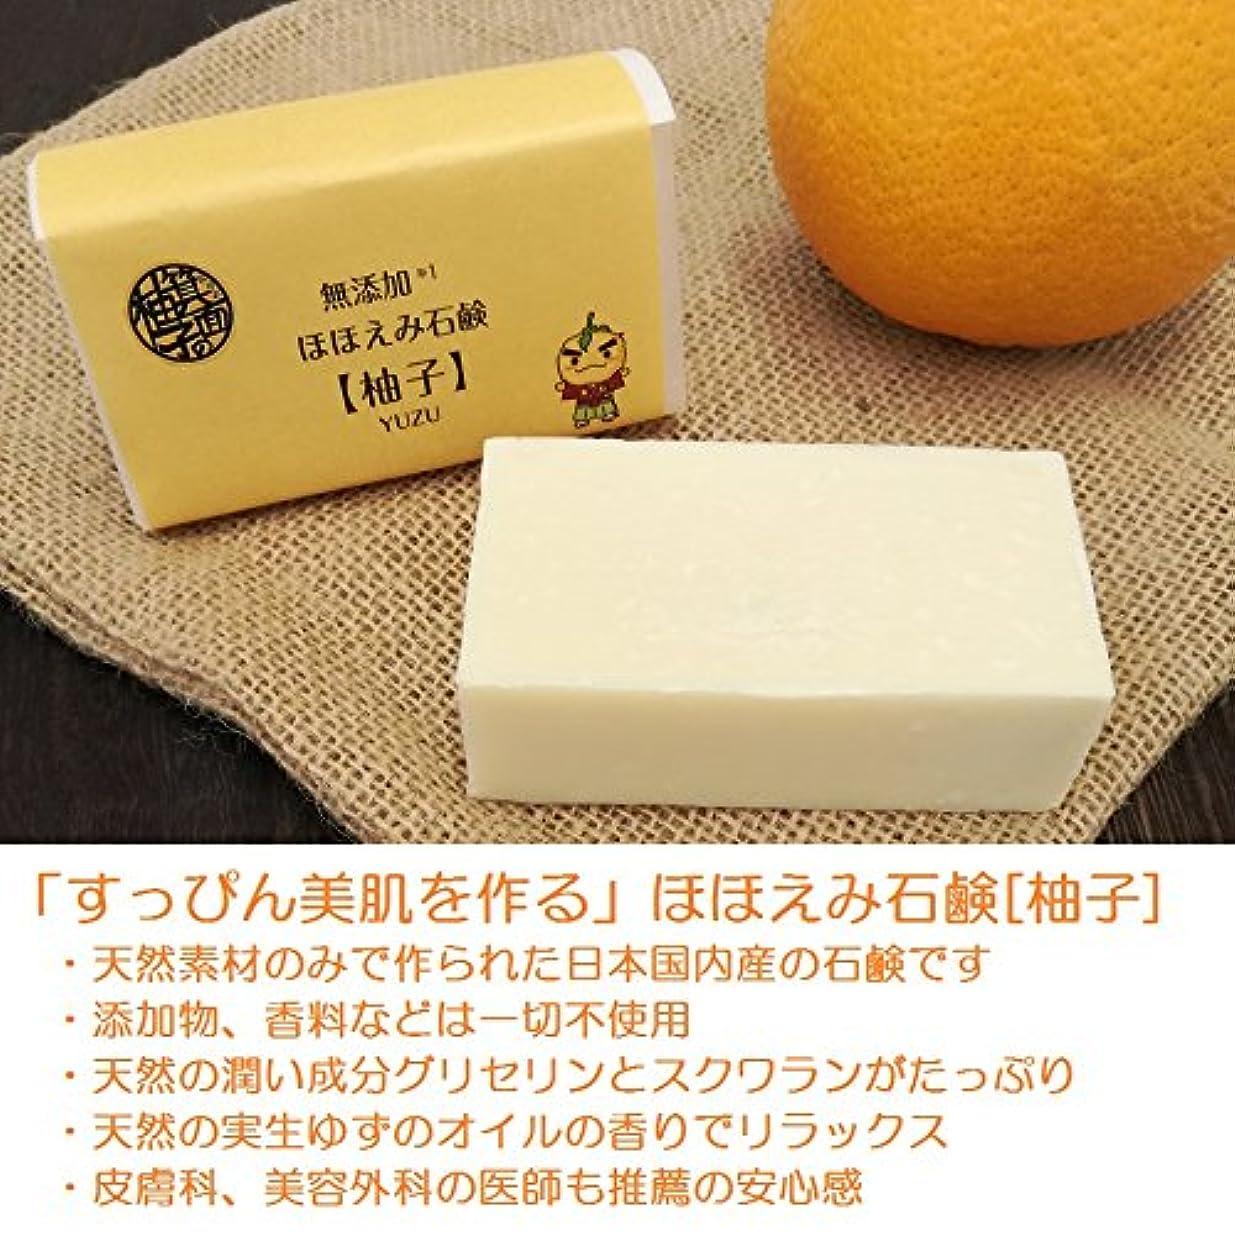 多様な手入れ朝の体操をするすっぴん美肌を作る ほほえみ石鹸 柚子 オリーブオイル 無添加 オーガニック 日本製 80g